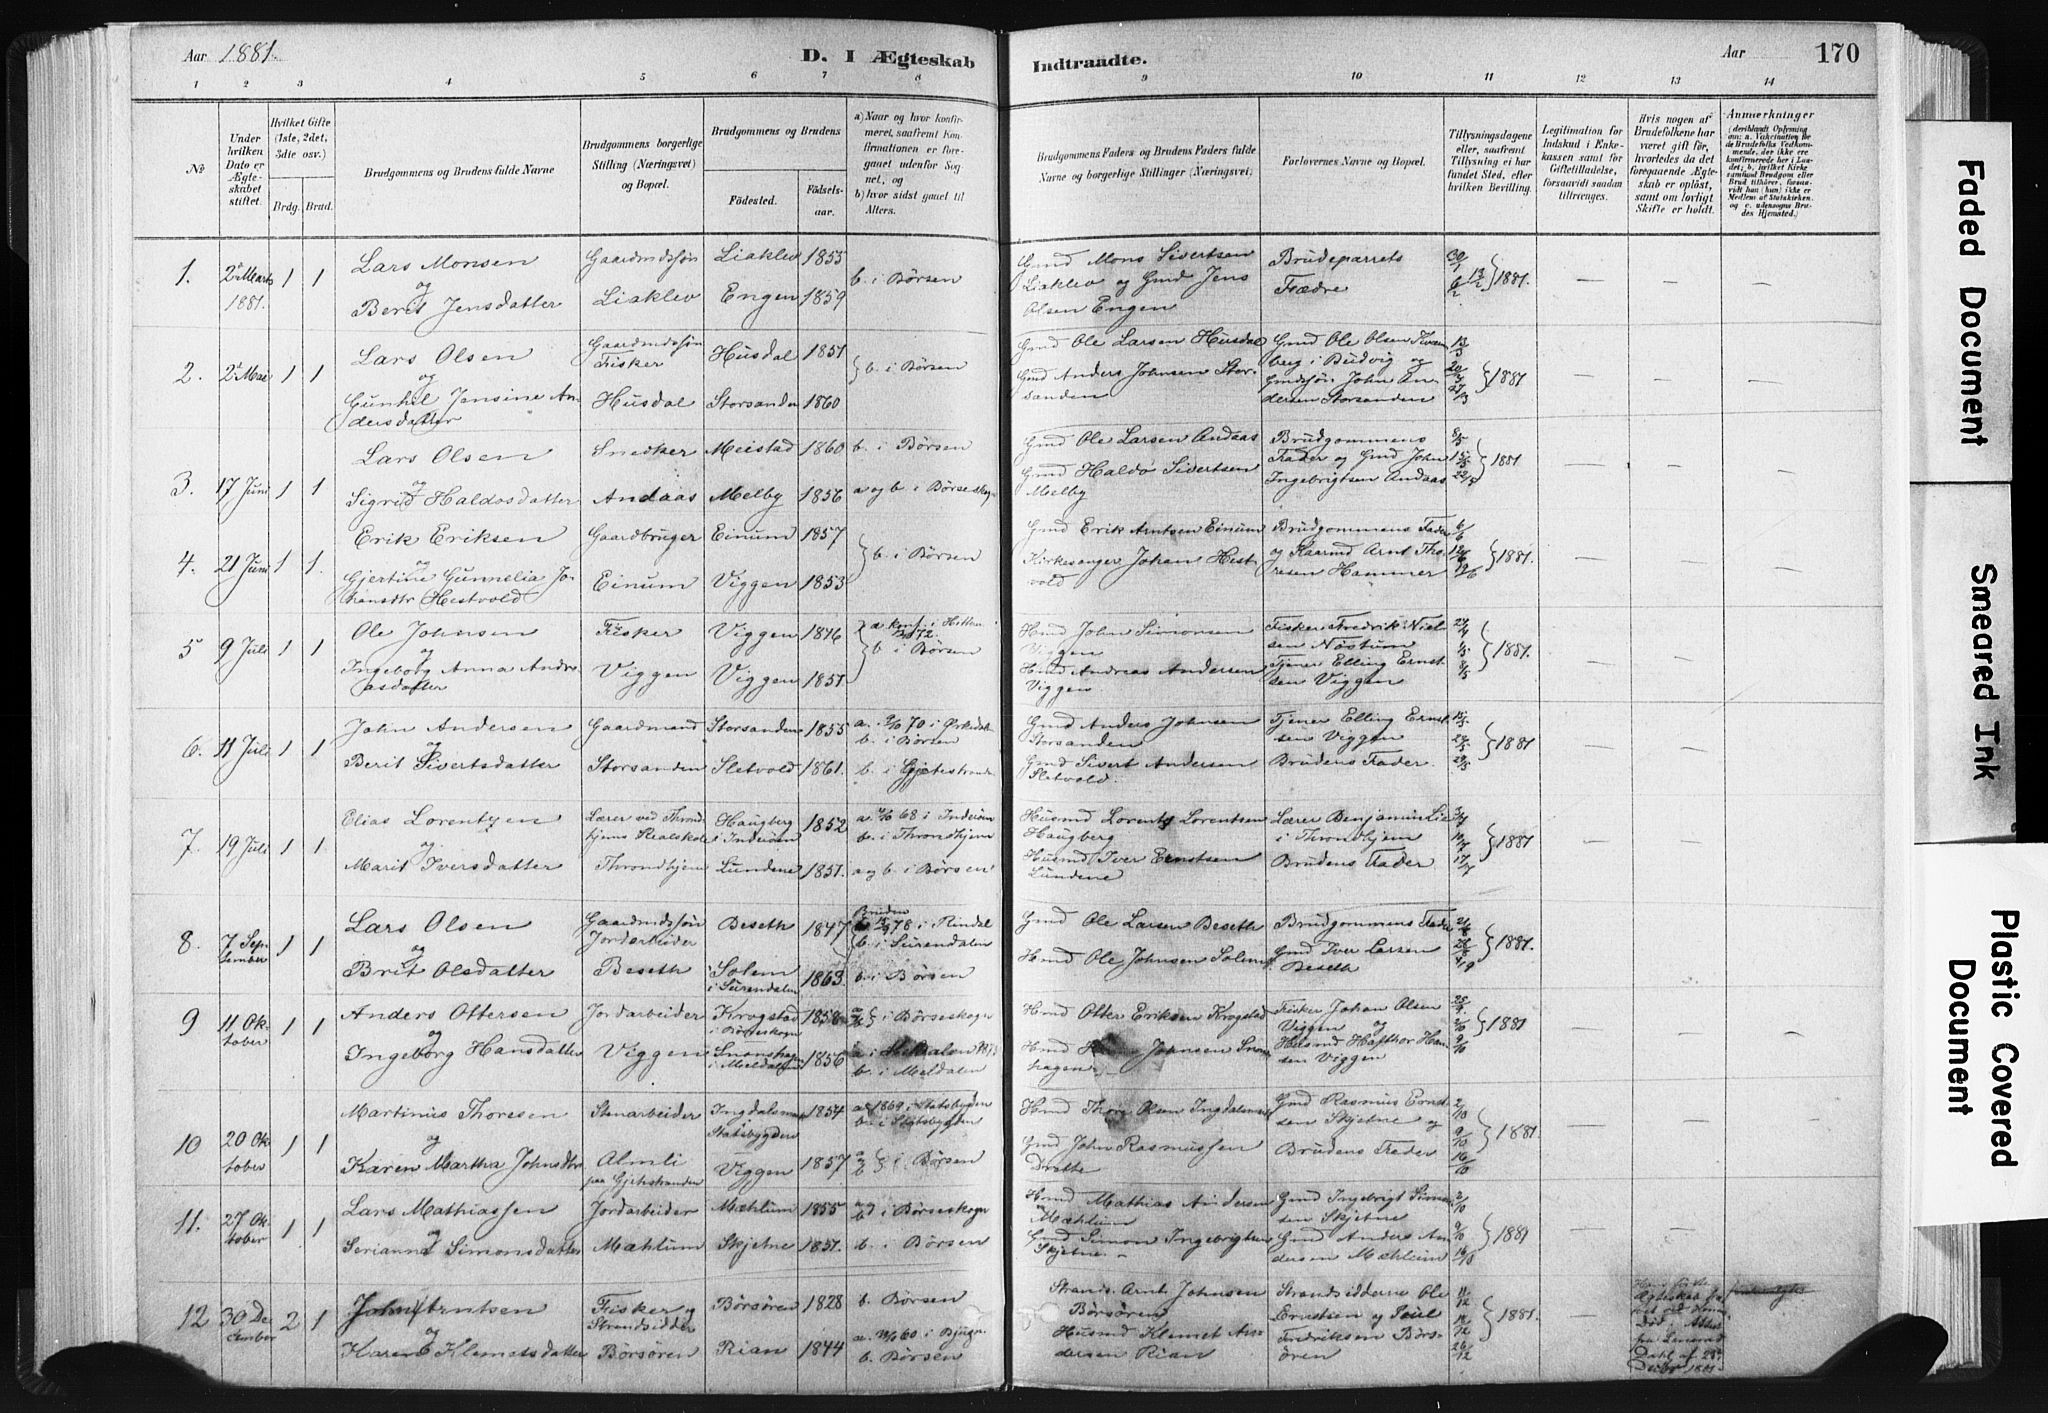 SAT, Ministerialprotokoller, klokkerbøker og fødselsregistre - Sør-Trøndelag, 665/L0773: Ministerialbok nr. 665A08, 1879-1905, s. 170